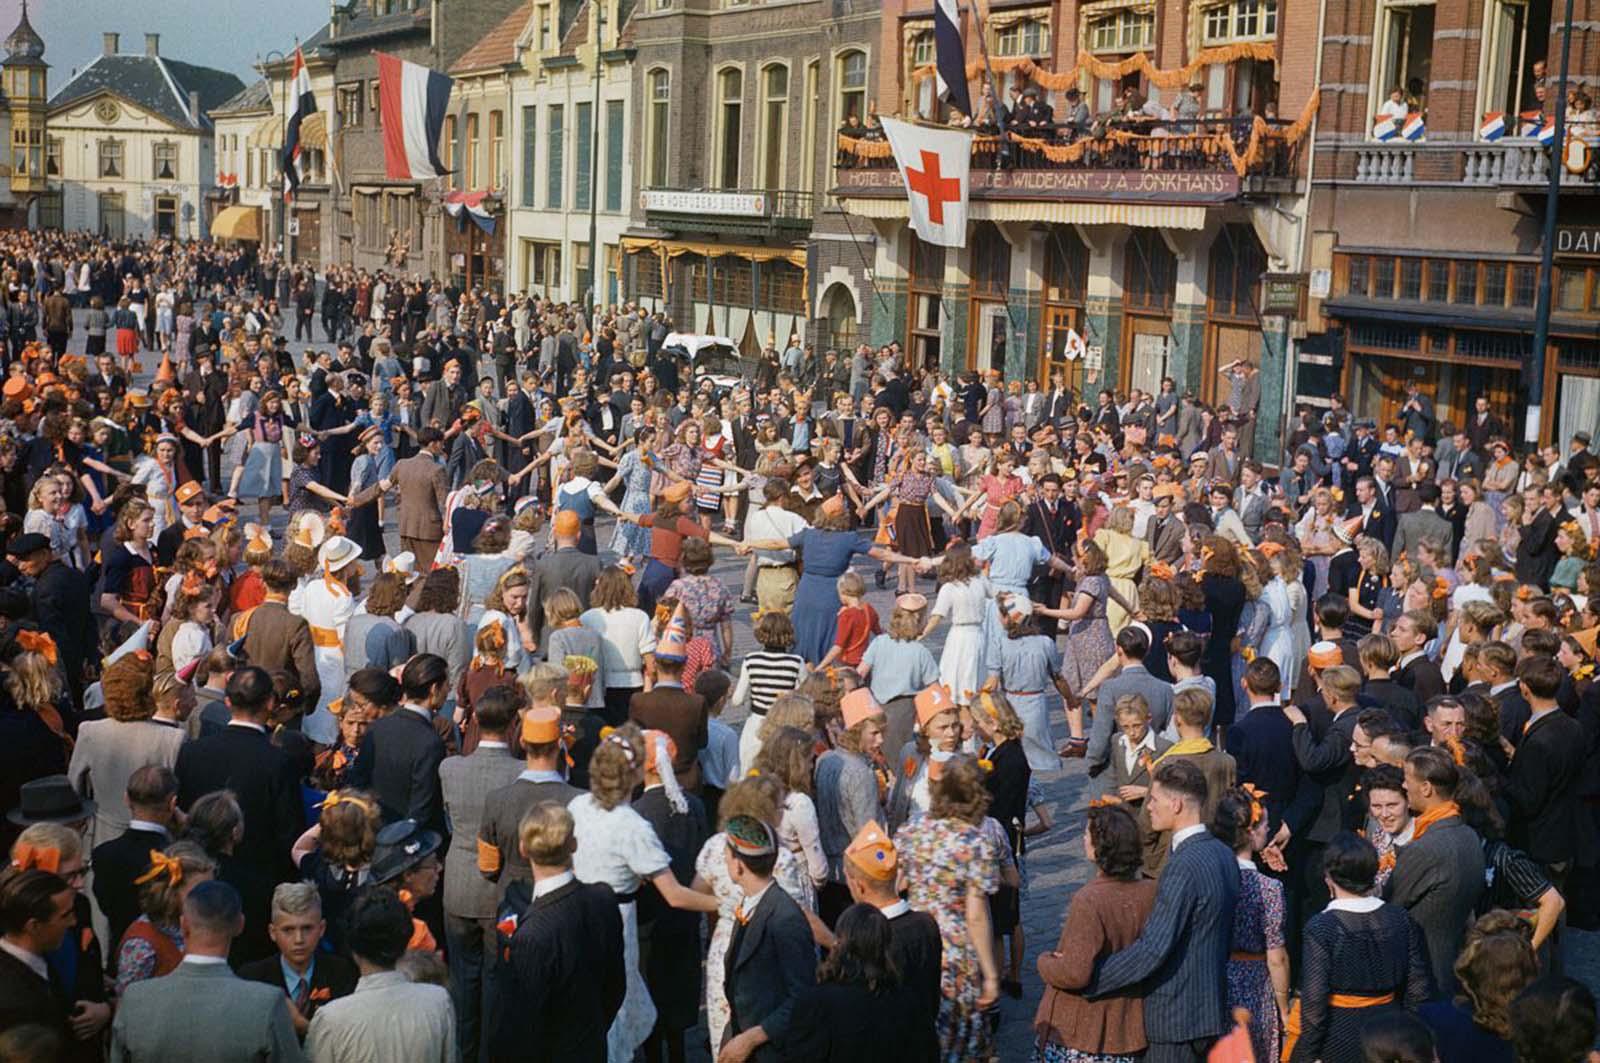 Holland civilek táncolnak az utcákon, miután a szövetséges erők felszabadították Eindhovenet.